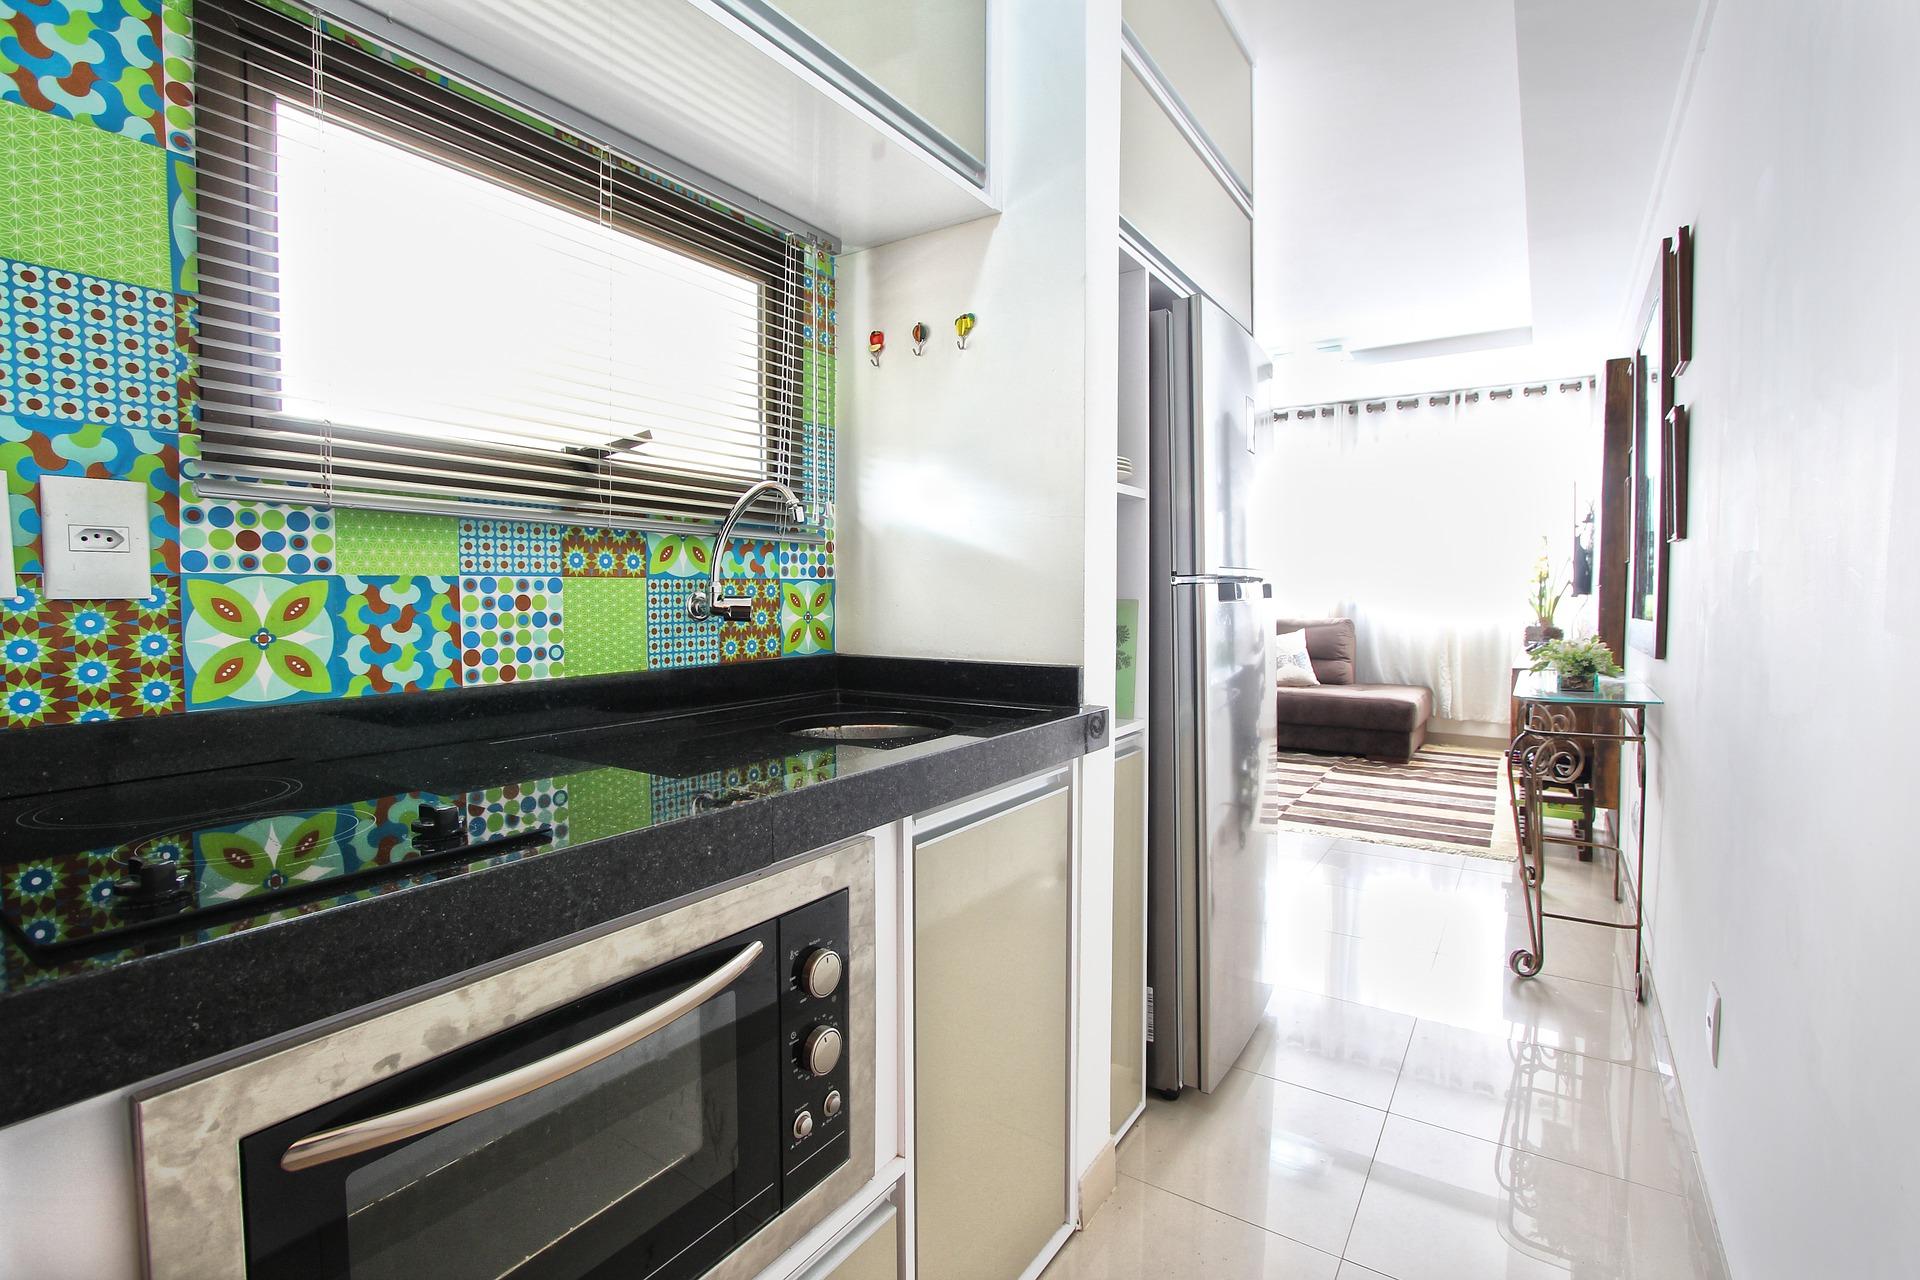 toilette abfluss reinigen mit diesem trick beseitigen sie verstopfungen wohnen. Black Bedroom Furniture Sets. Home Design Ideas